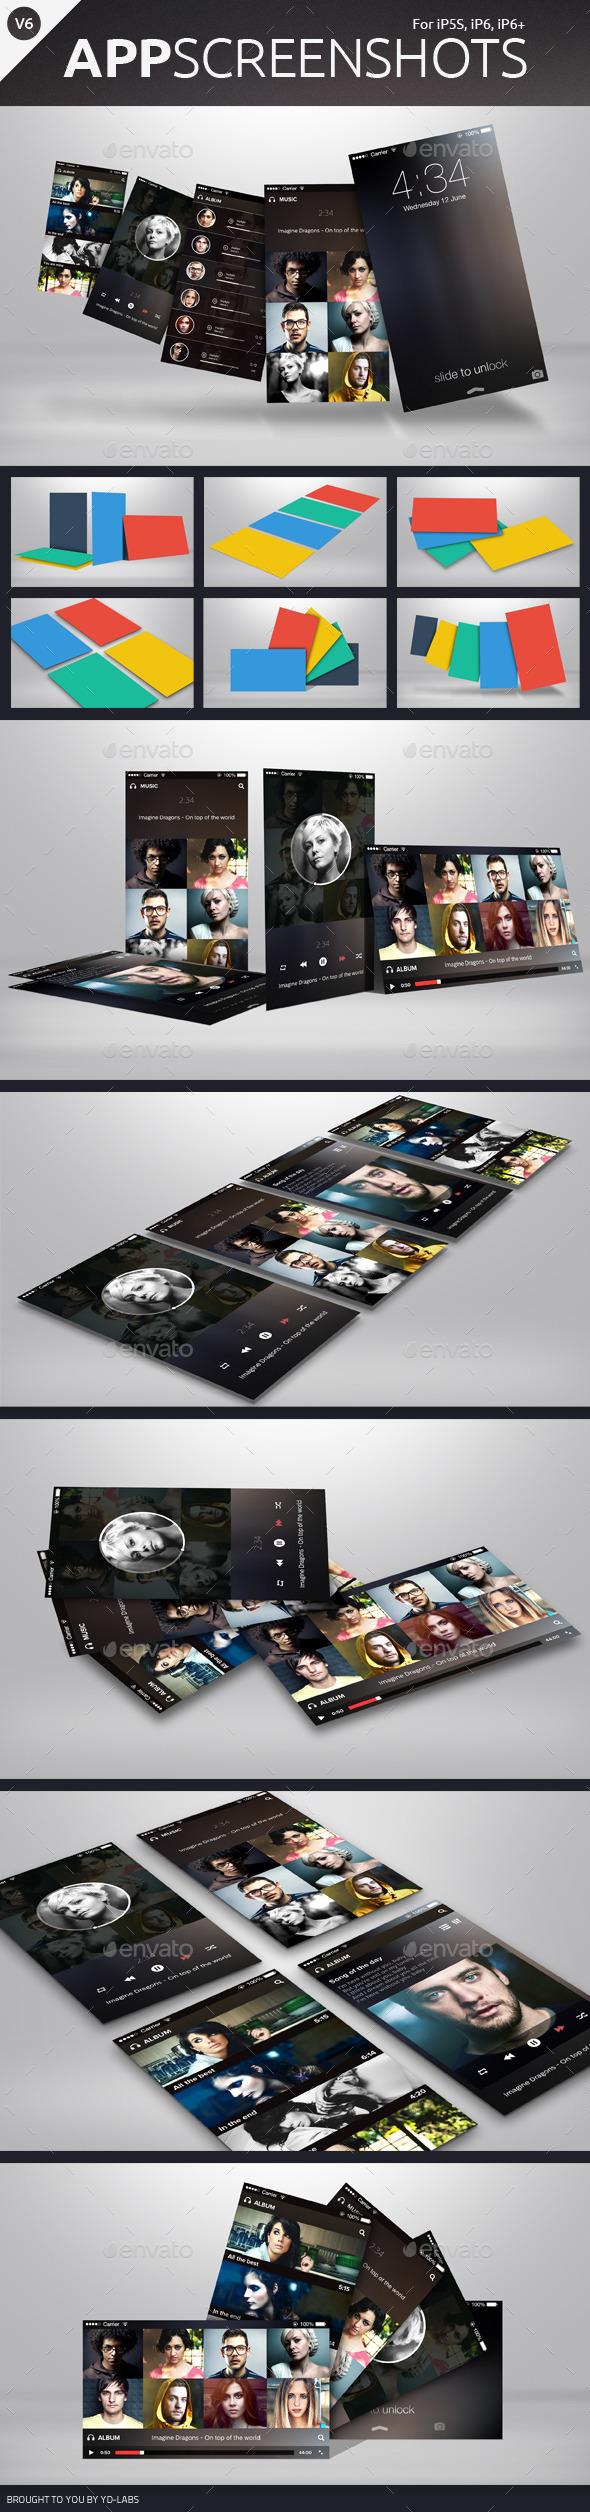 App Screenshot Mockups V6 - Mobile Displays